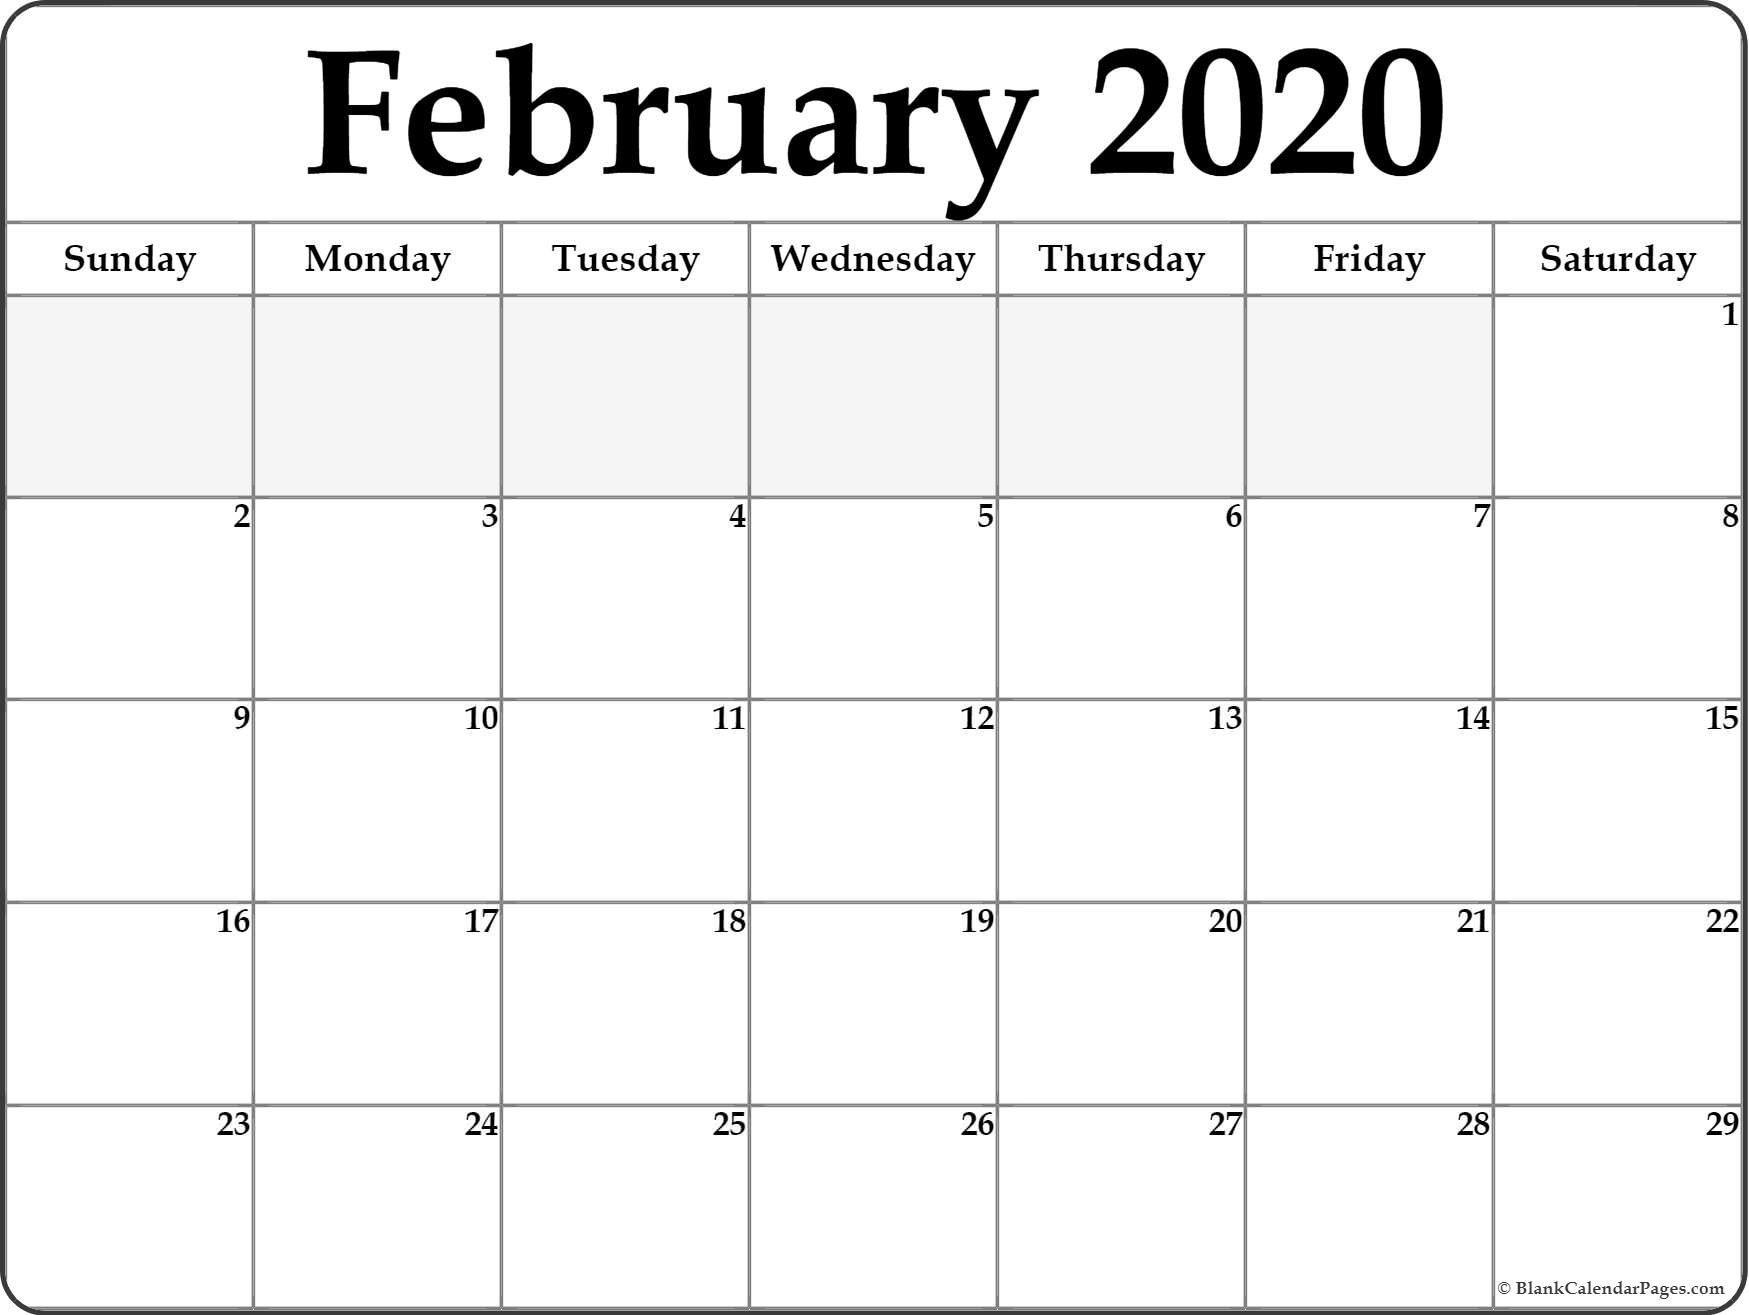 Blank Calendar For February 2020 - Wpa.wpart.co